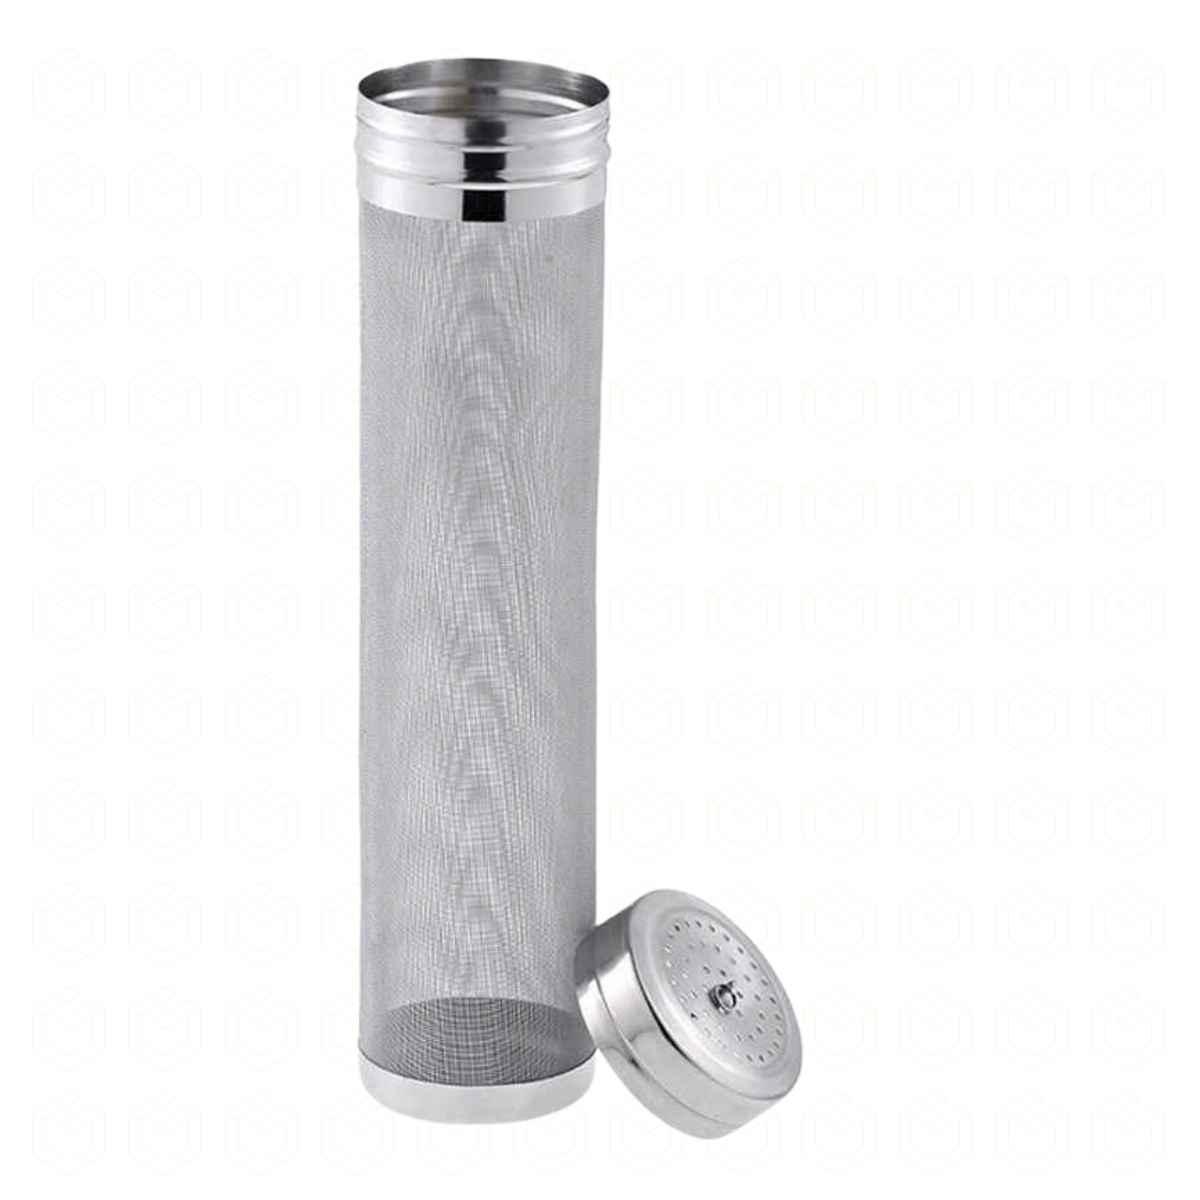 Filtro cilindrico c/ tampa, 300 micra, 70x300mm